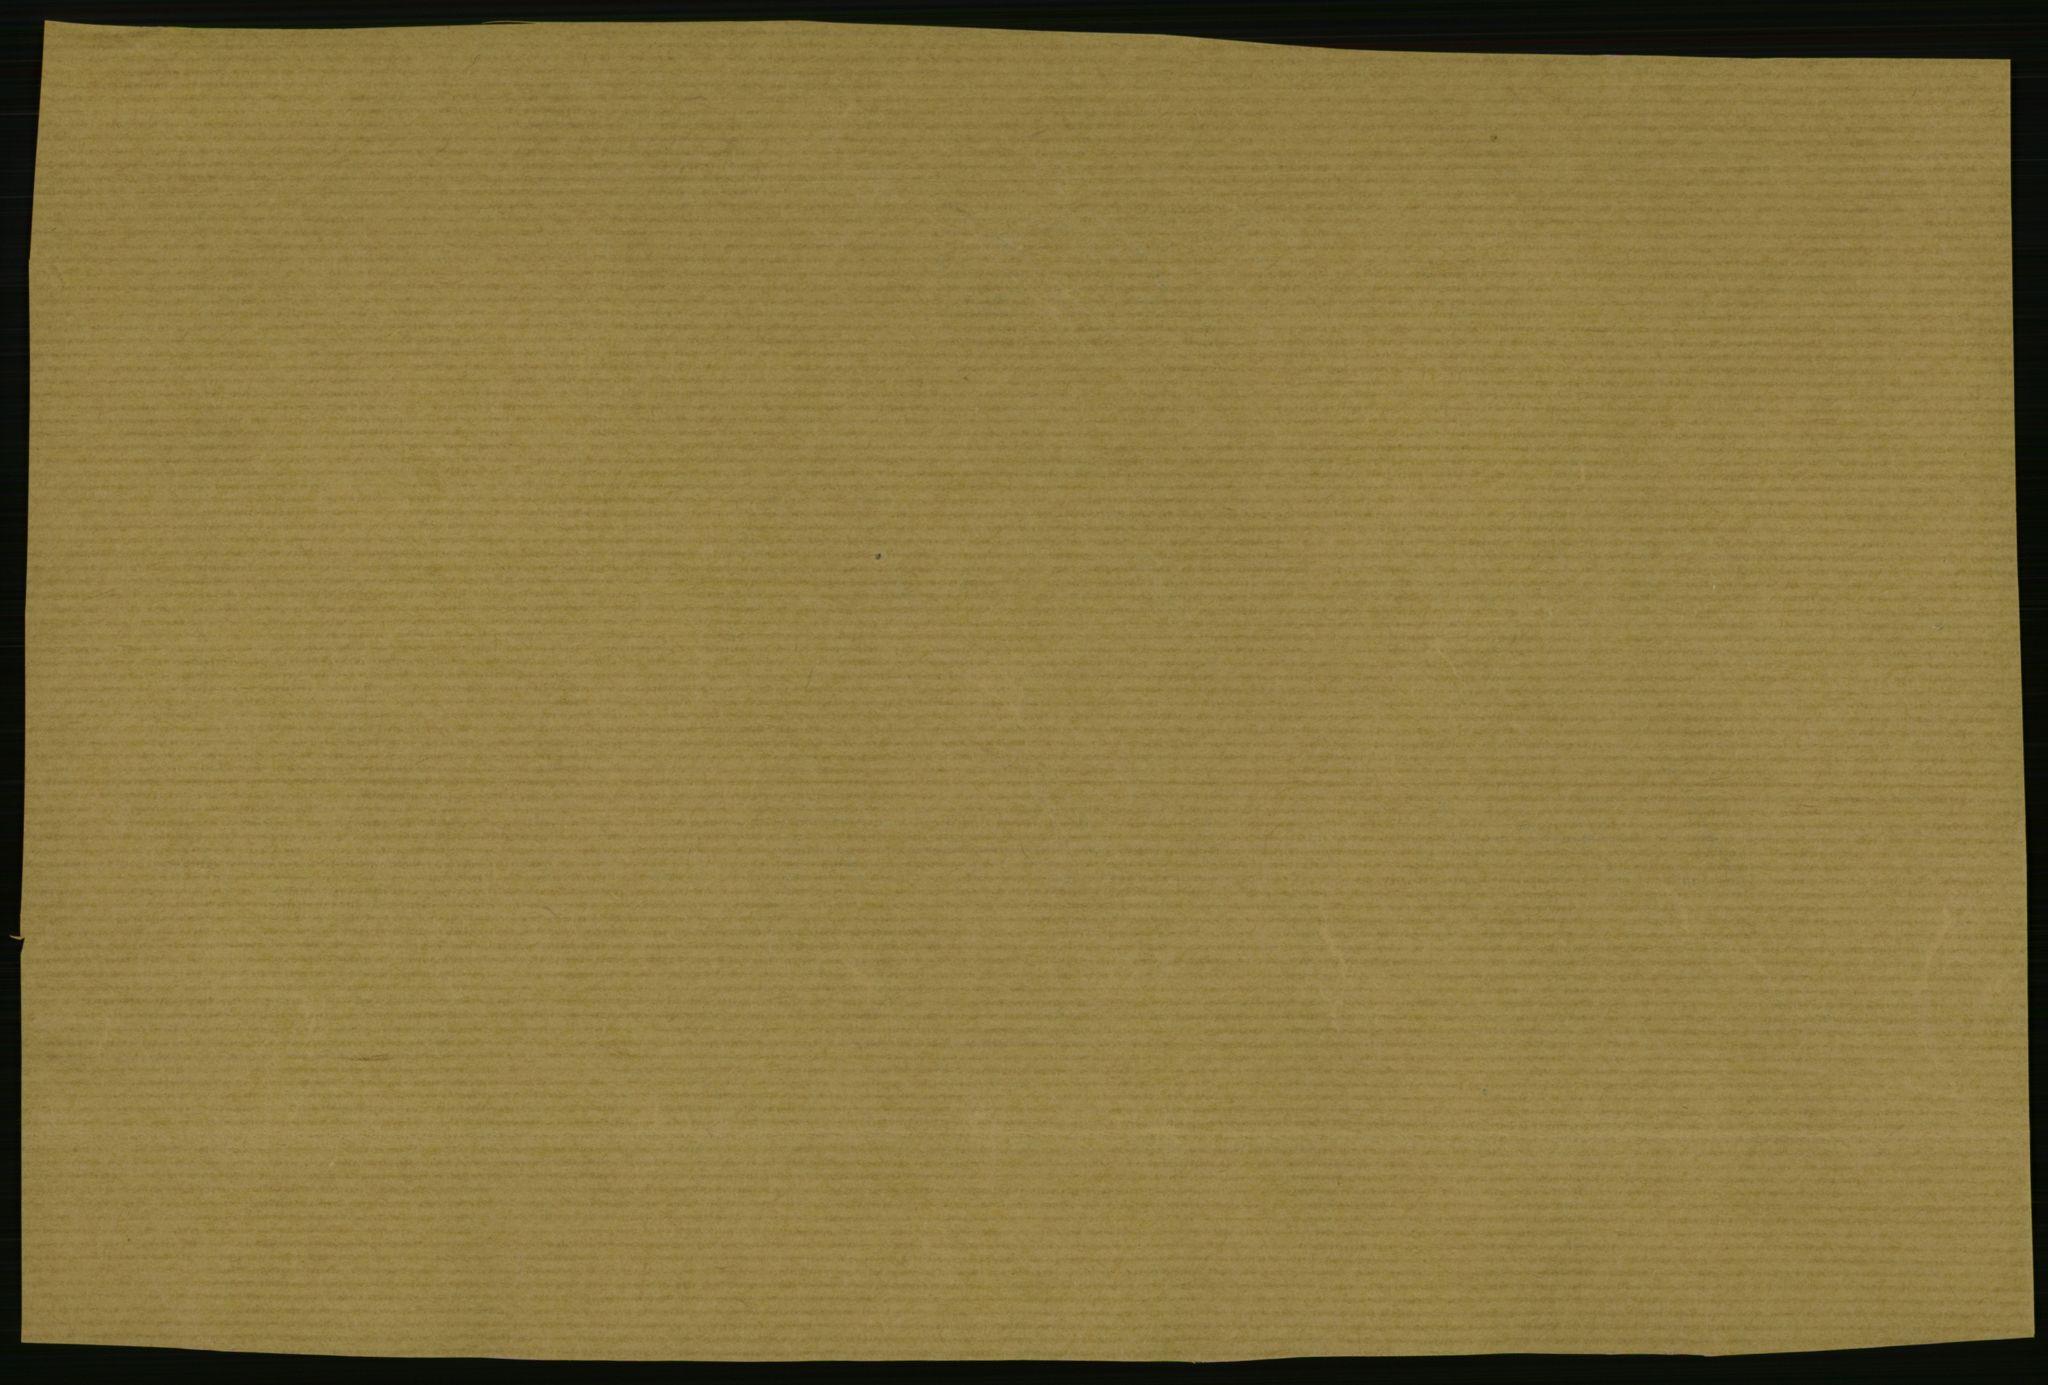 RA, Statistisk sentralbyrå, Sosiodemografiske emner, Befolkning, D/Df/Dfa/Dfaa/L0011: Lister og Mandal amt: Fødte, gifte, døde, 1903, s. 2